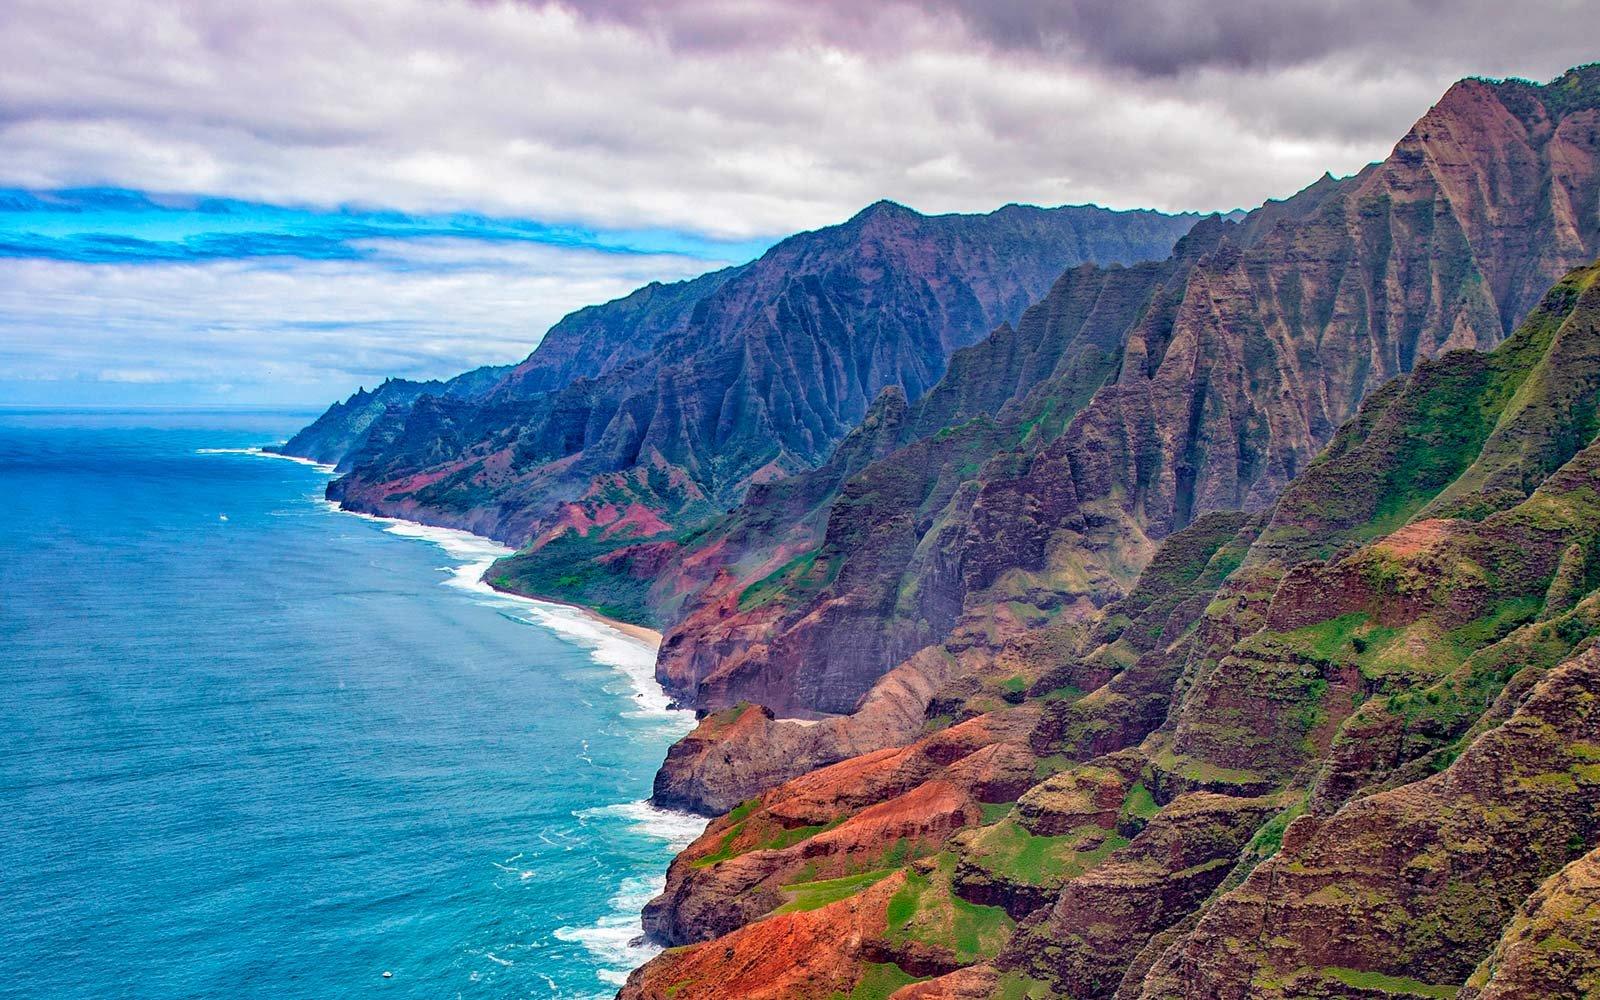 Kauai Hawaii Guide Kauai Is a Paradise on Earth Heres What to 1600x1000